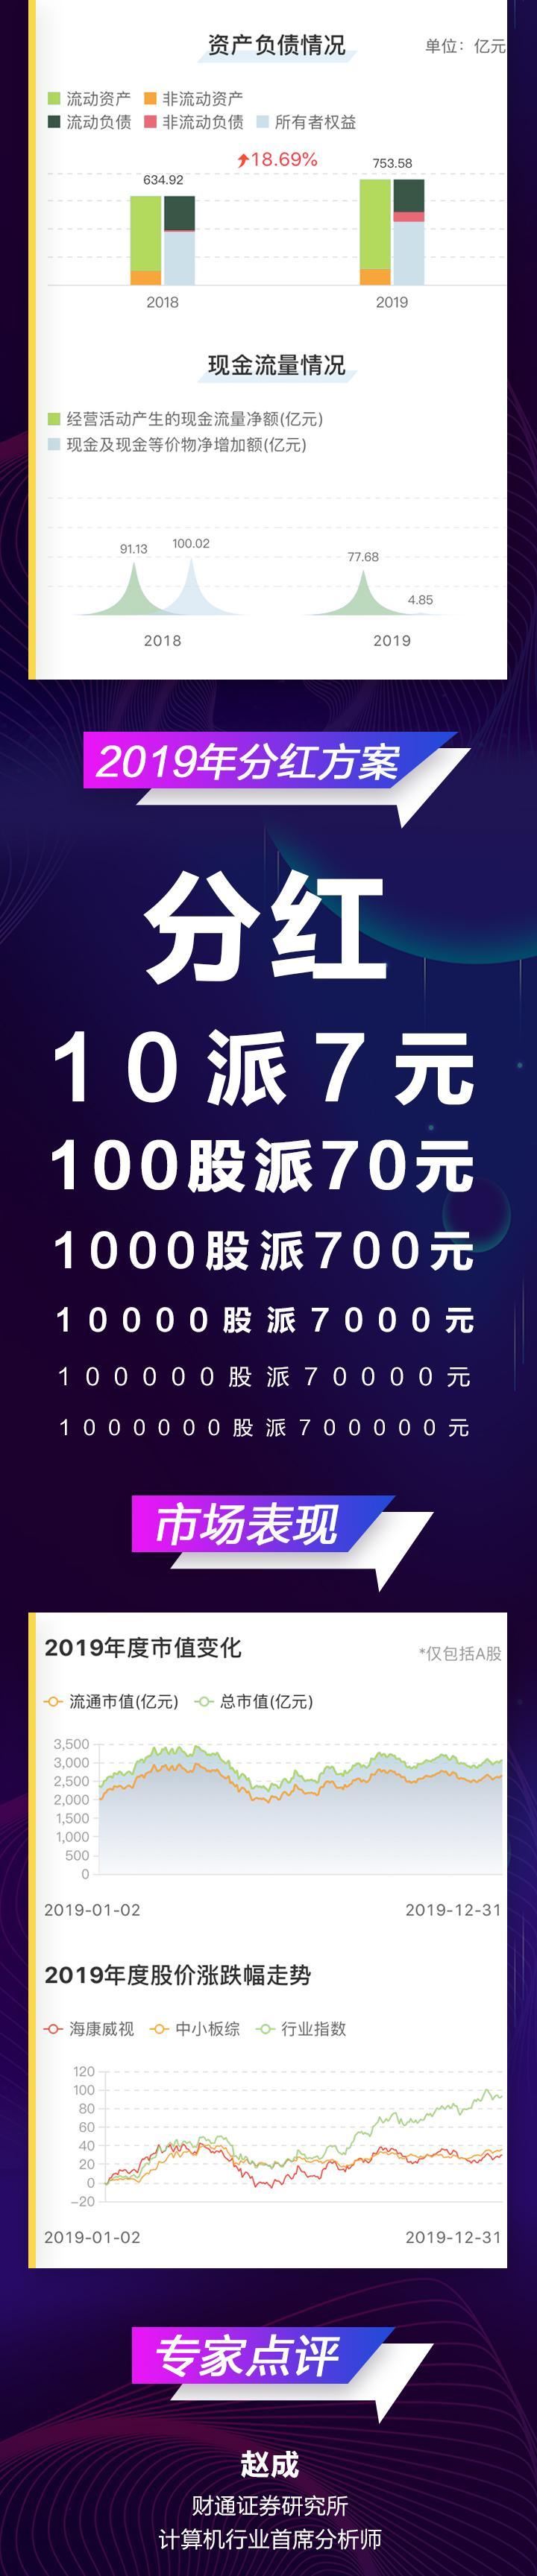 浙股_03.jpg